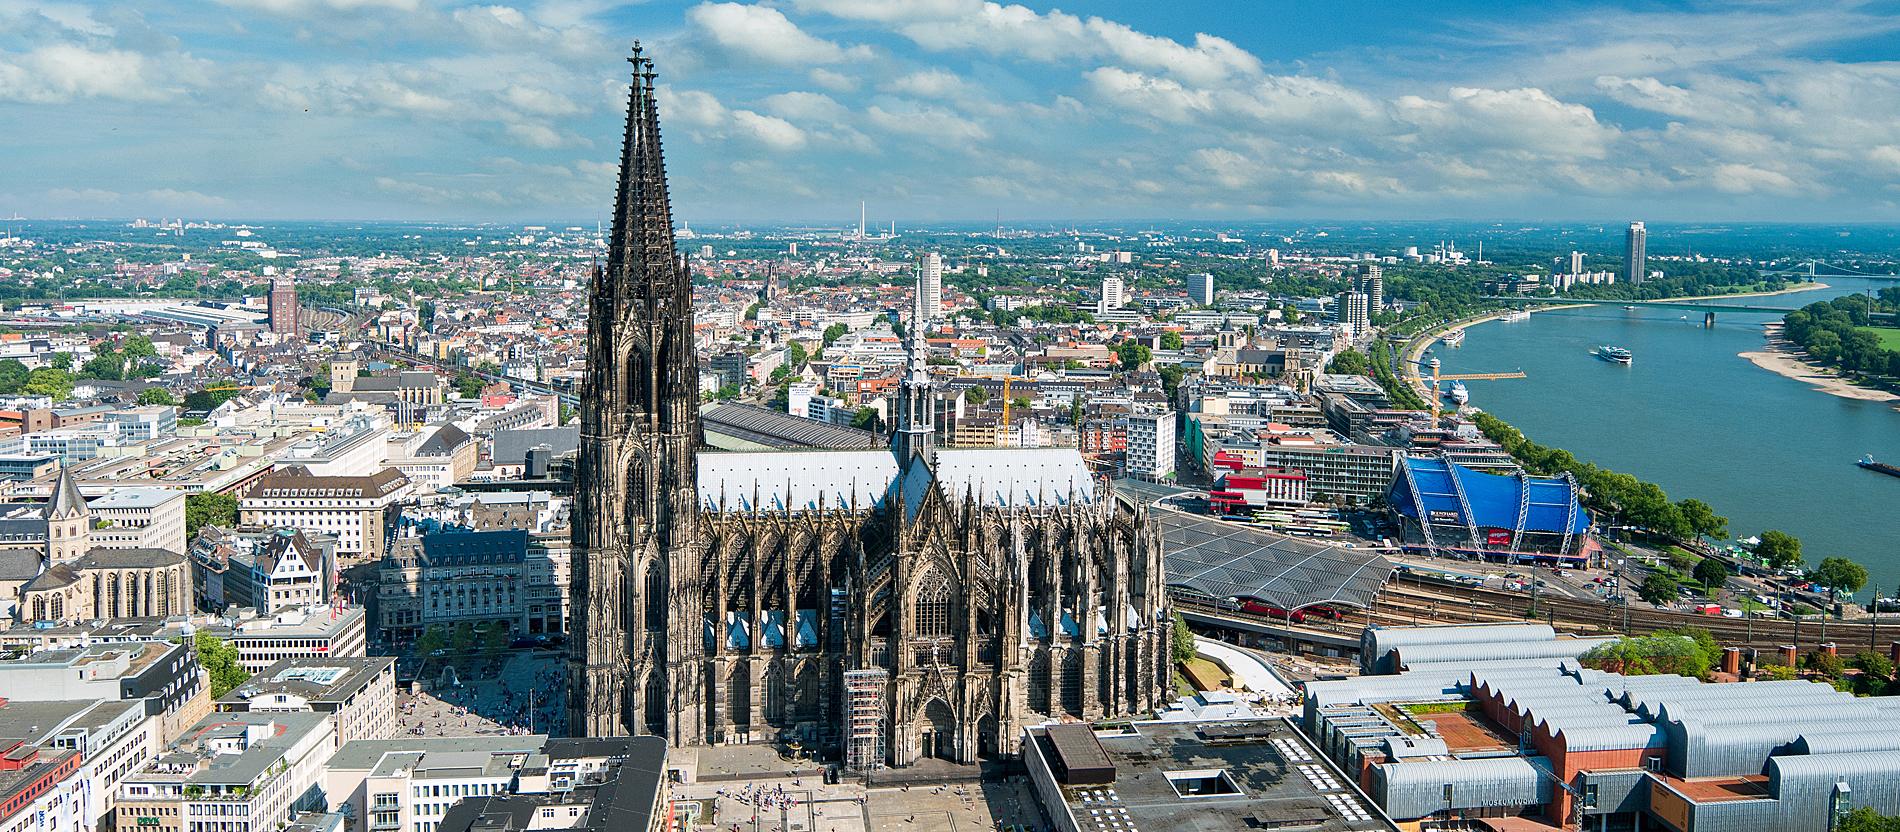 La Cathédrale de Cologne, une photo citée du site katholisch.de